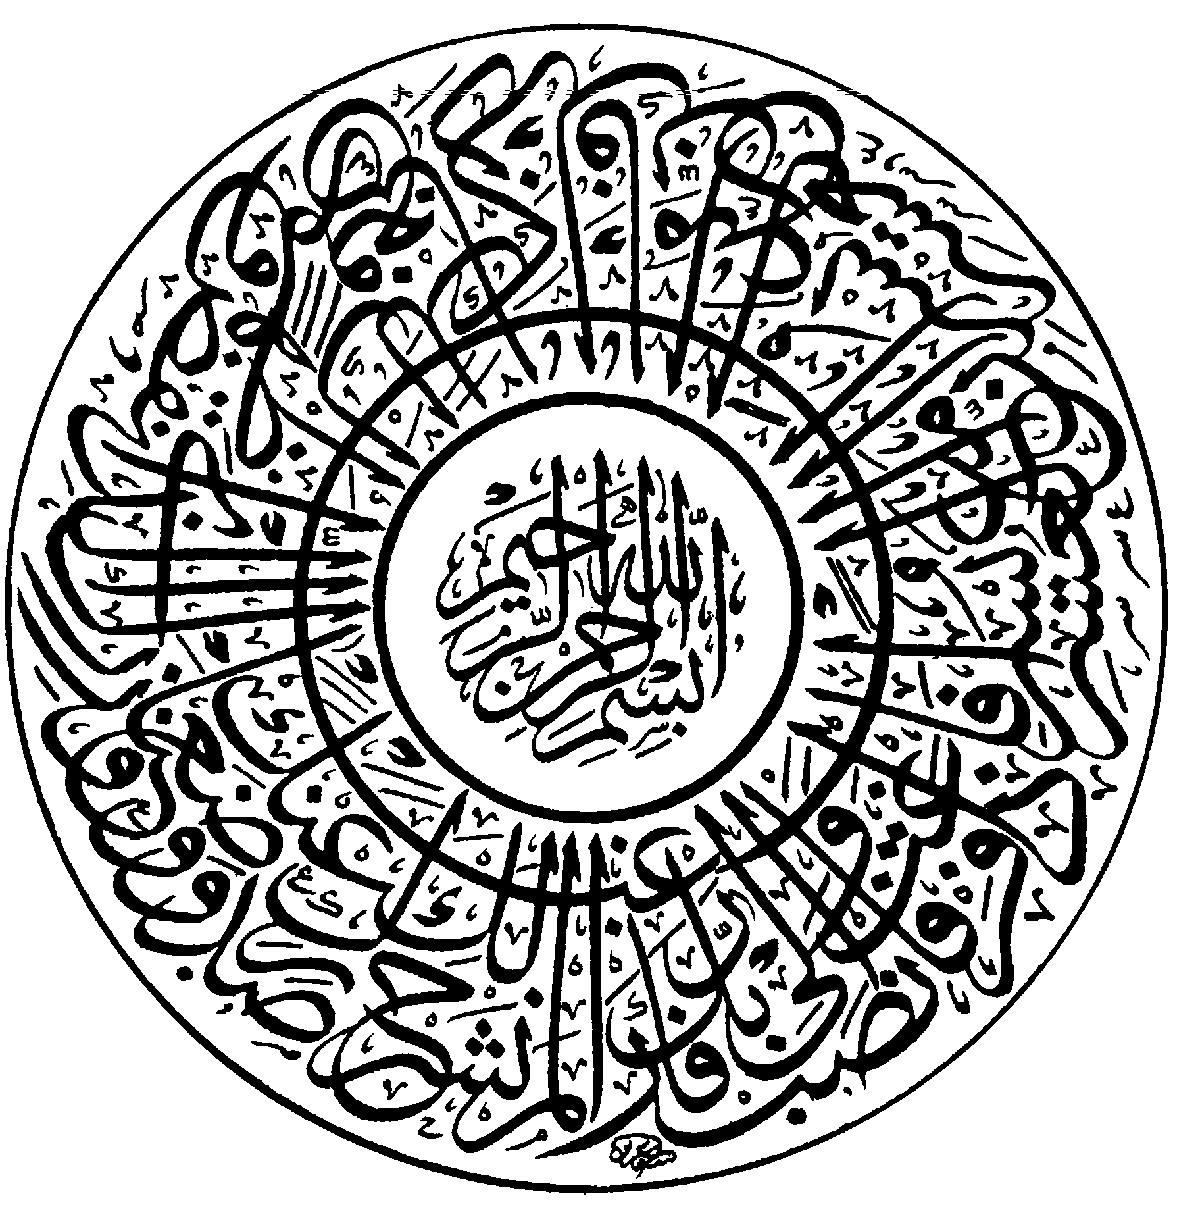 نتيجة بحث الصور عن صور رسومات اسلامية